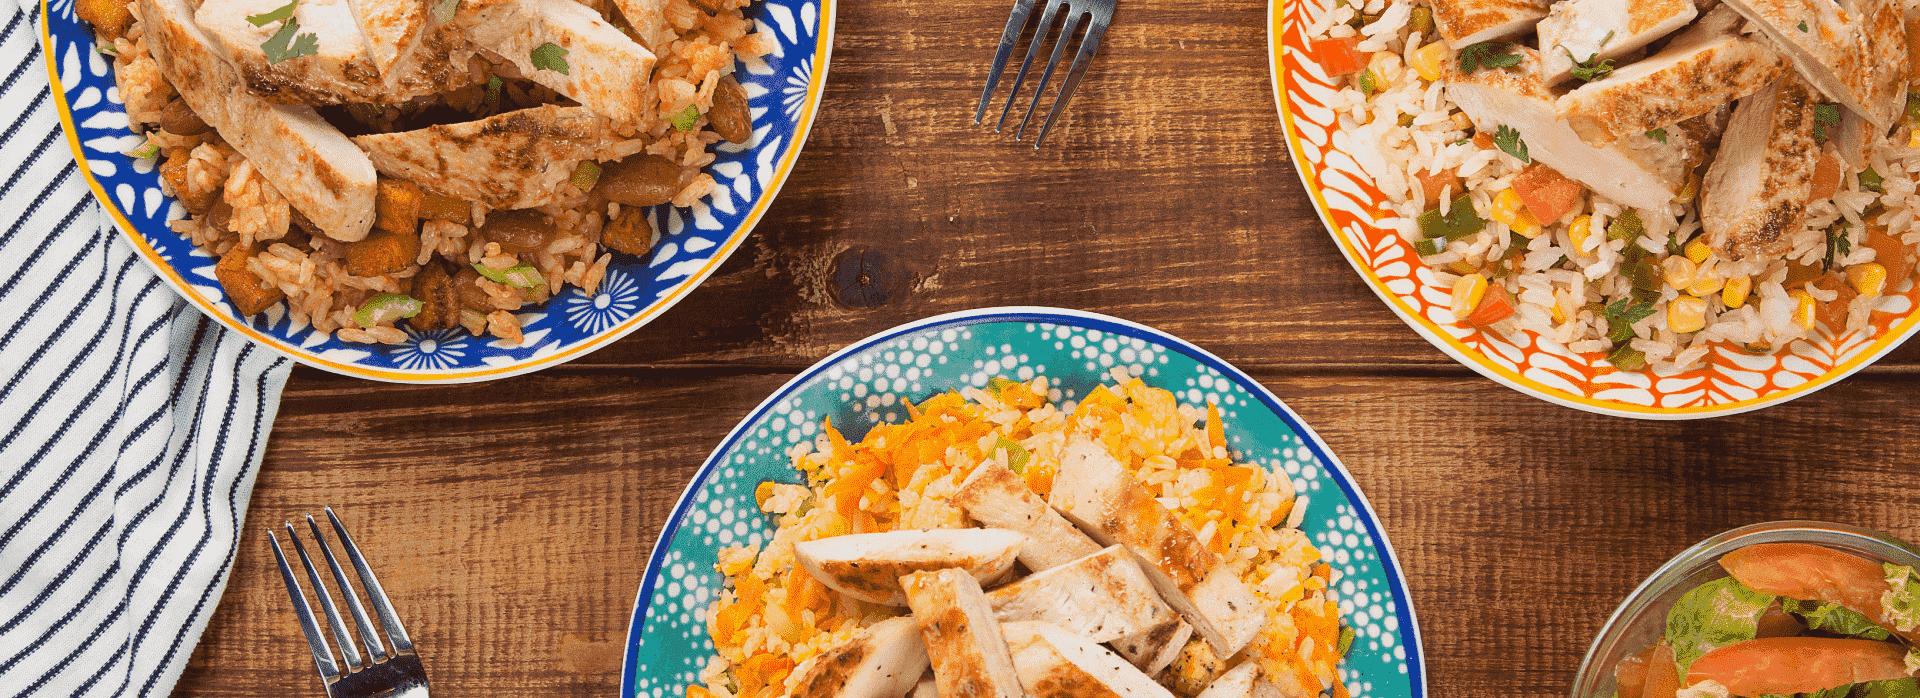 Prueba estos Deliciosos almuerzos fáciles con pechuga a la parrilla